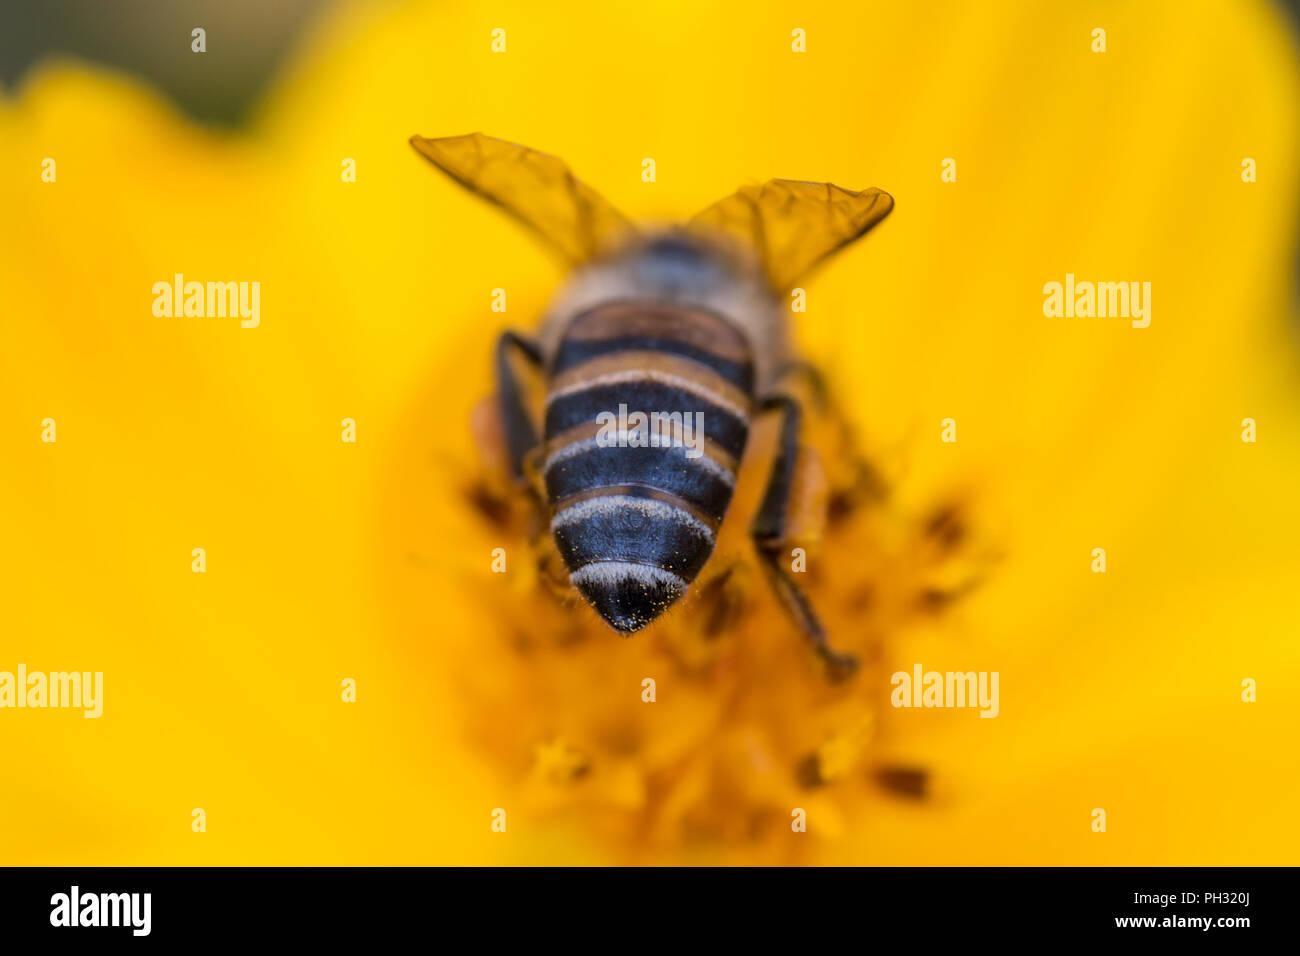 Beehind, le dos d'une abeille pollinisant un cosmos fleur jaune Photo Stock